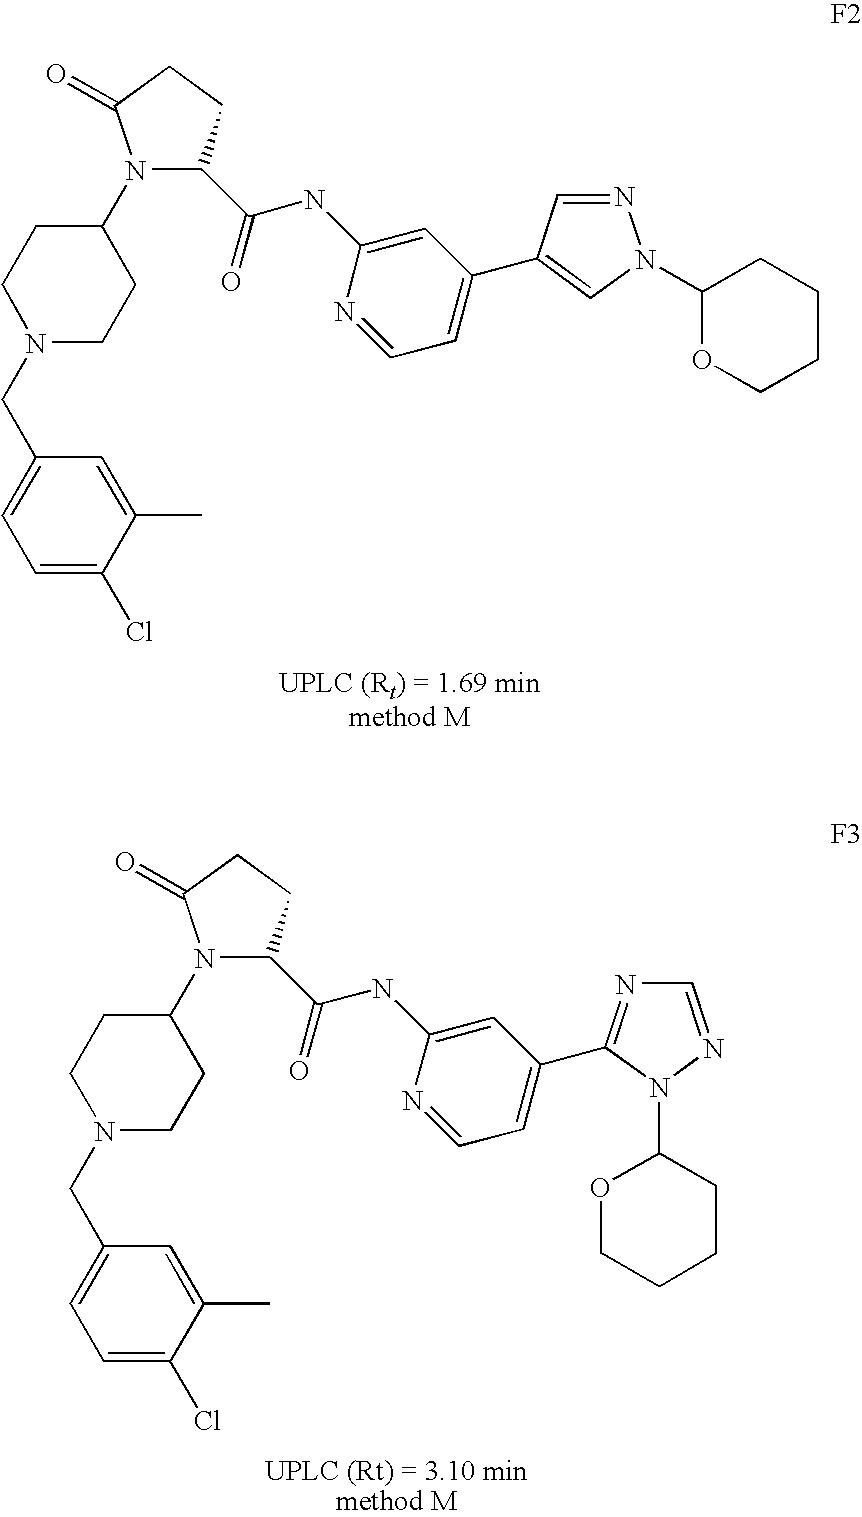 Figure US20100261687A1-20101014-C00127